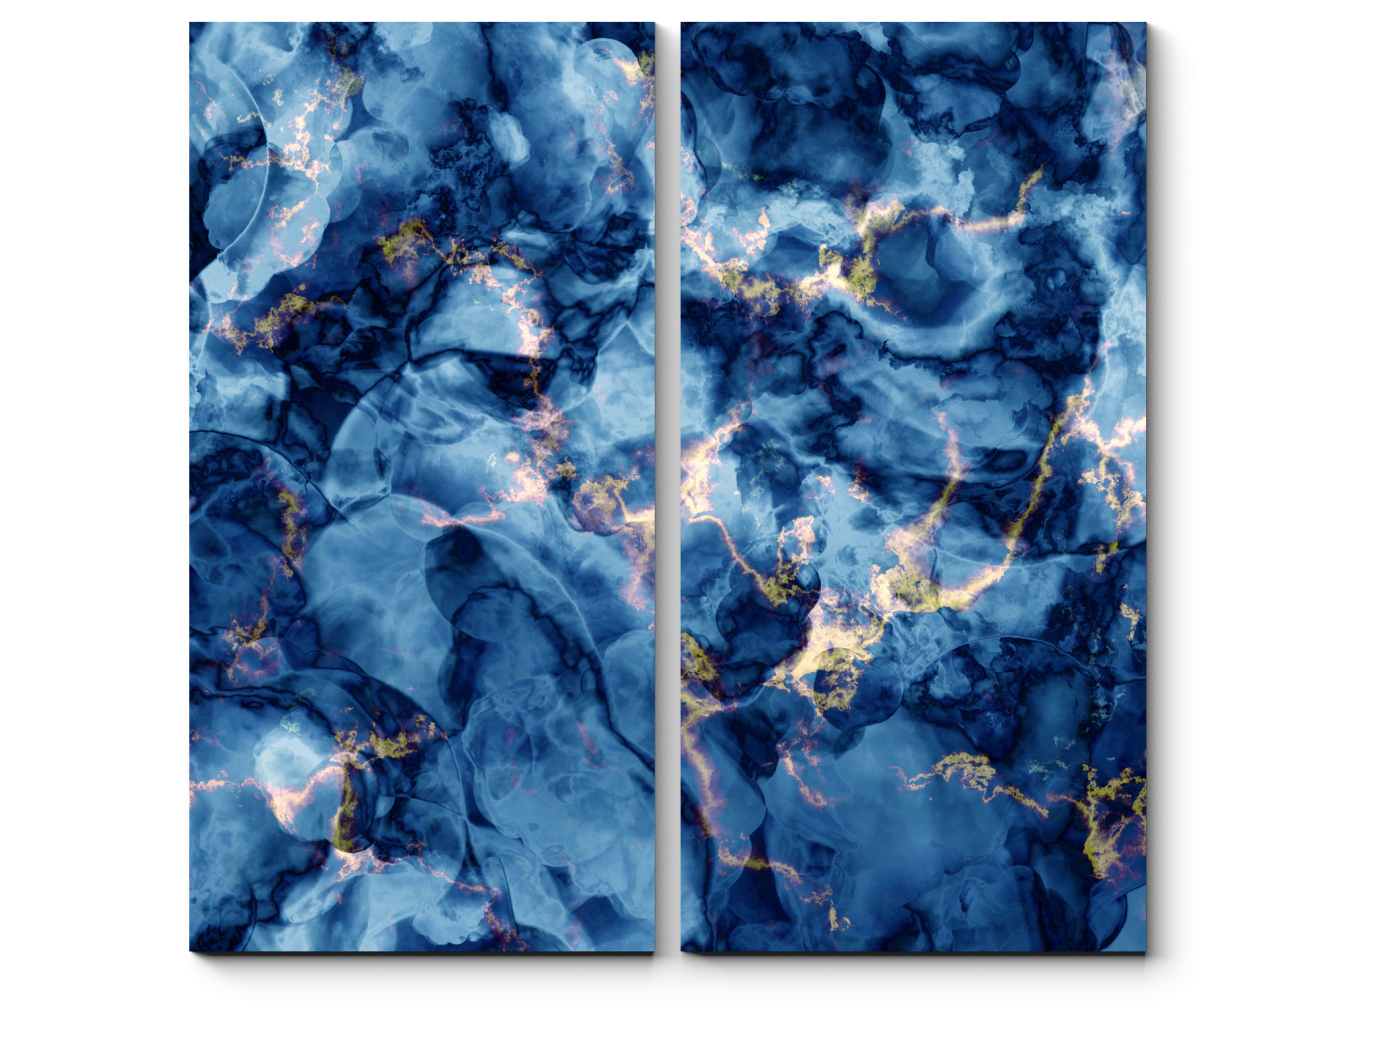 Модульная картина Синяя лава (40x40) фото